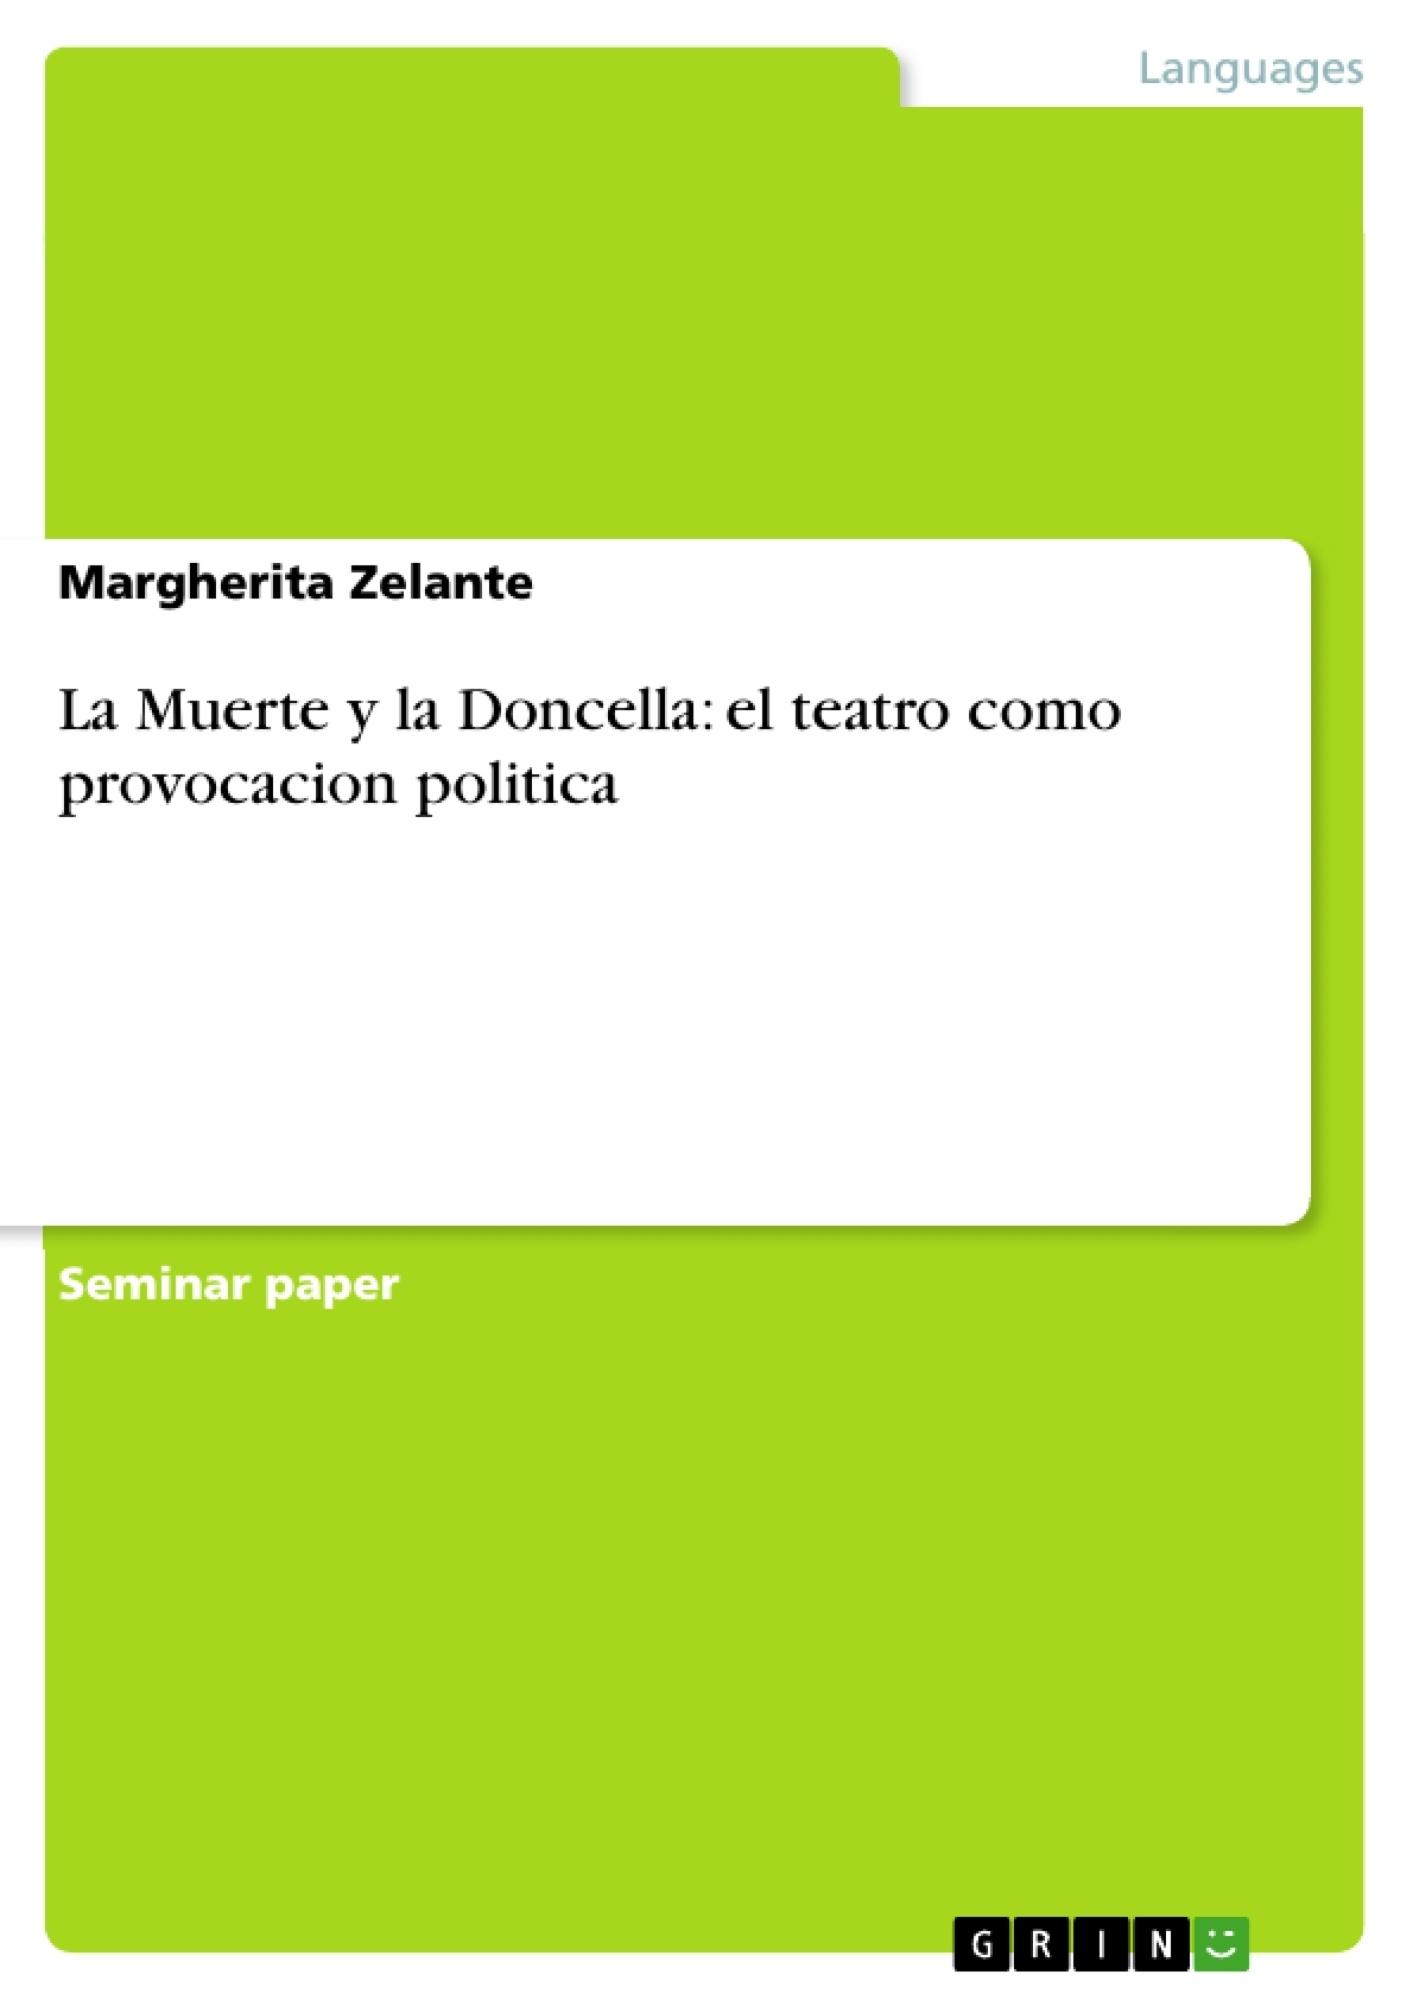 Título: La Muerte y la Doncella: el teatro como provocacion politica